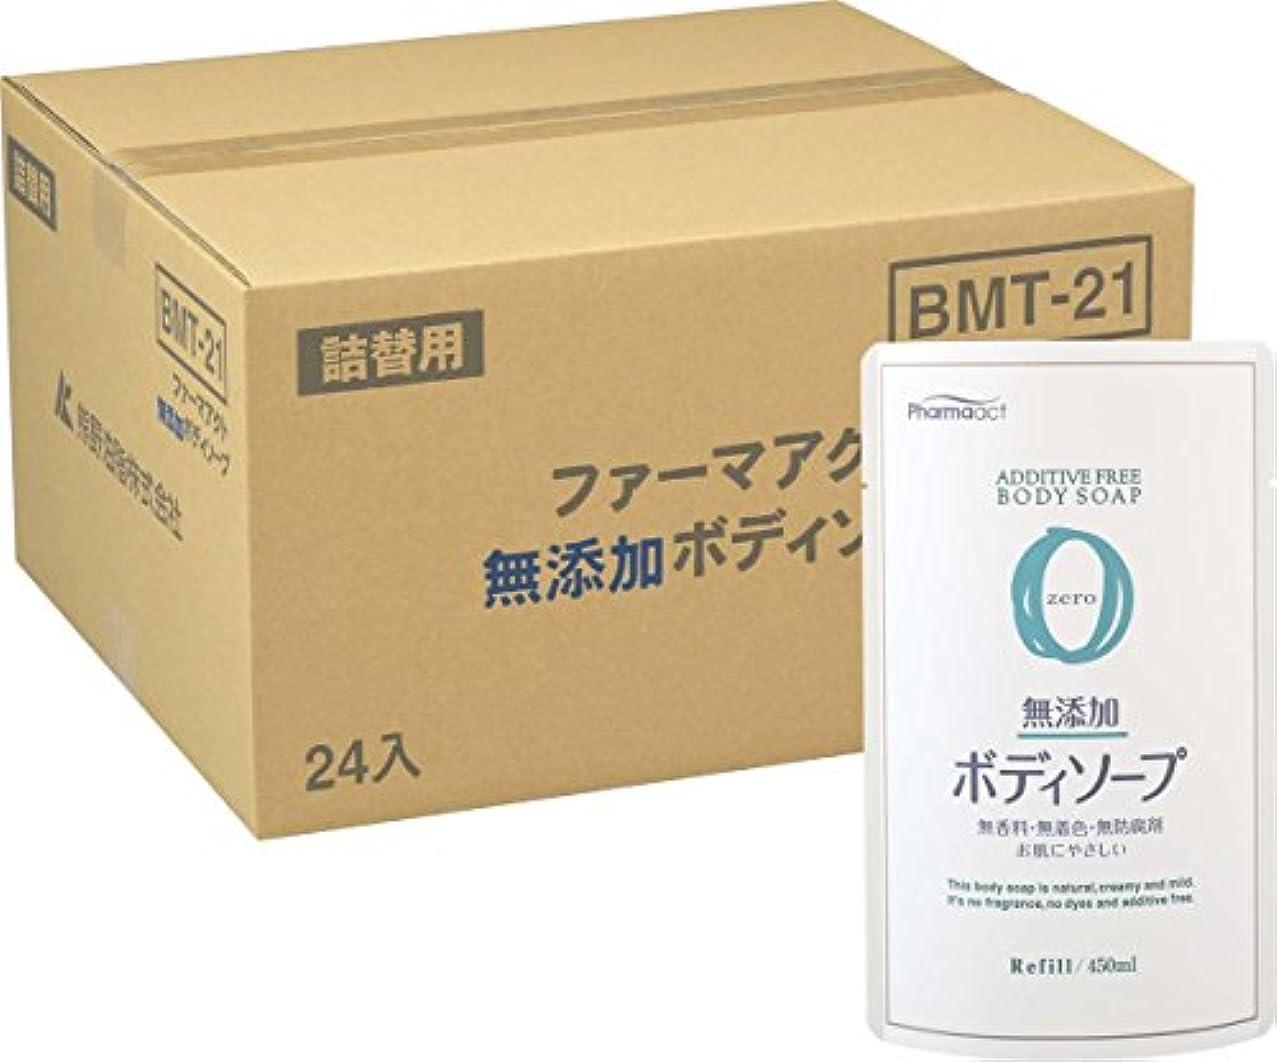 焦げ通路スリム【ケース販売】ファーマアクト 無添加ボディソープ詰替用 450ml×24個入